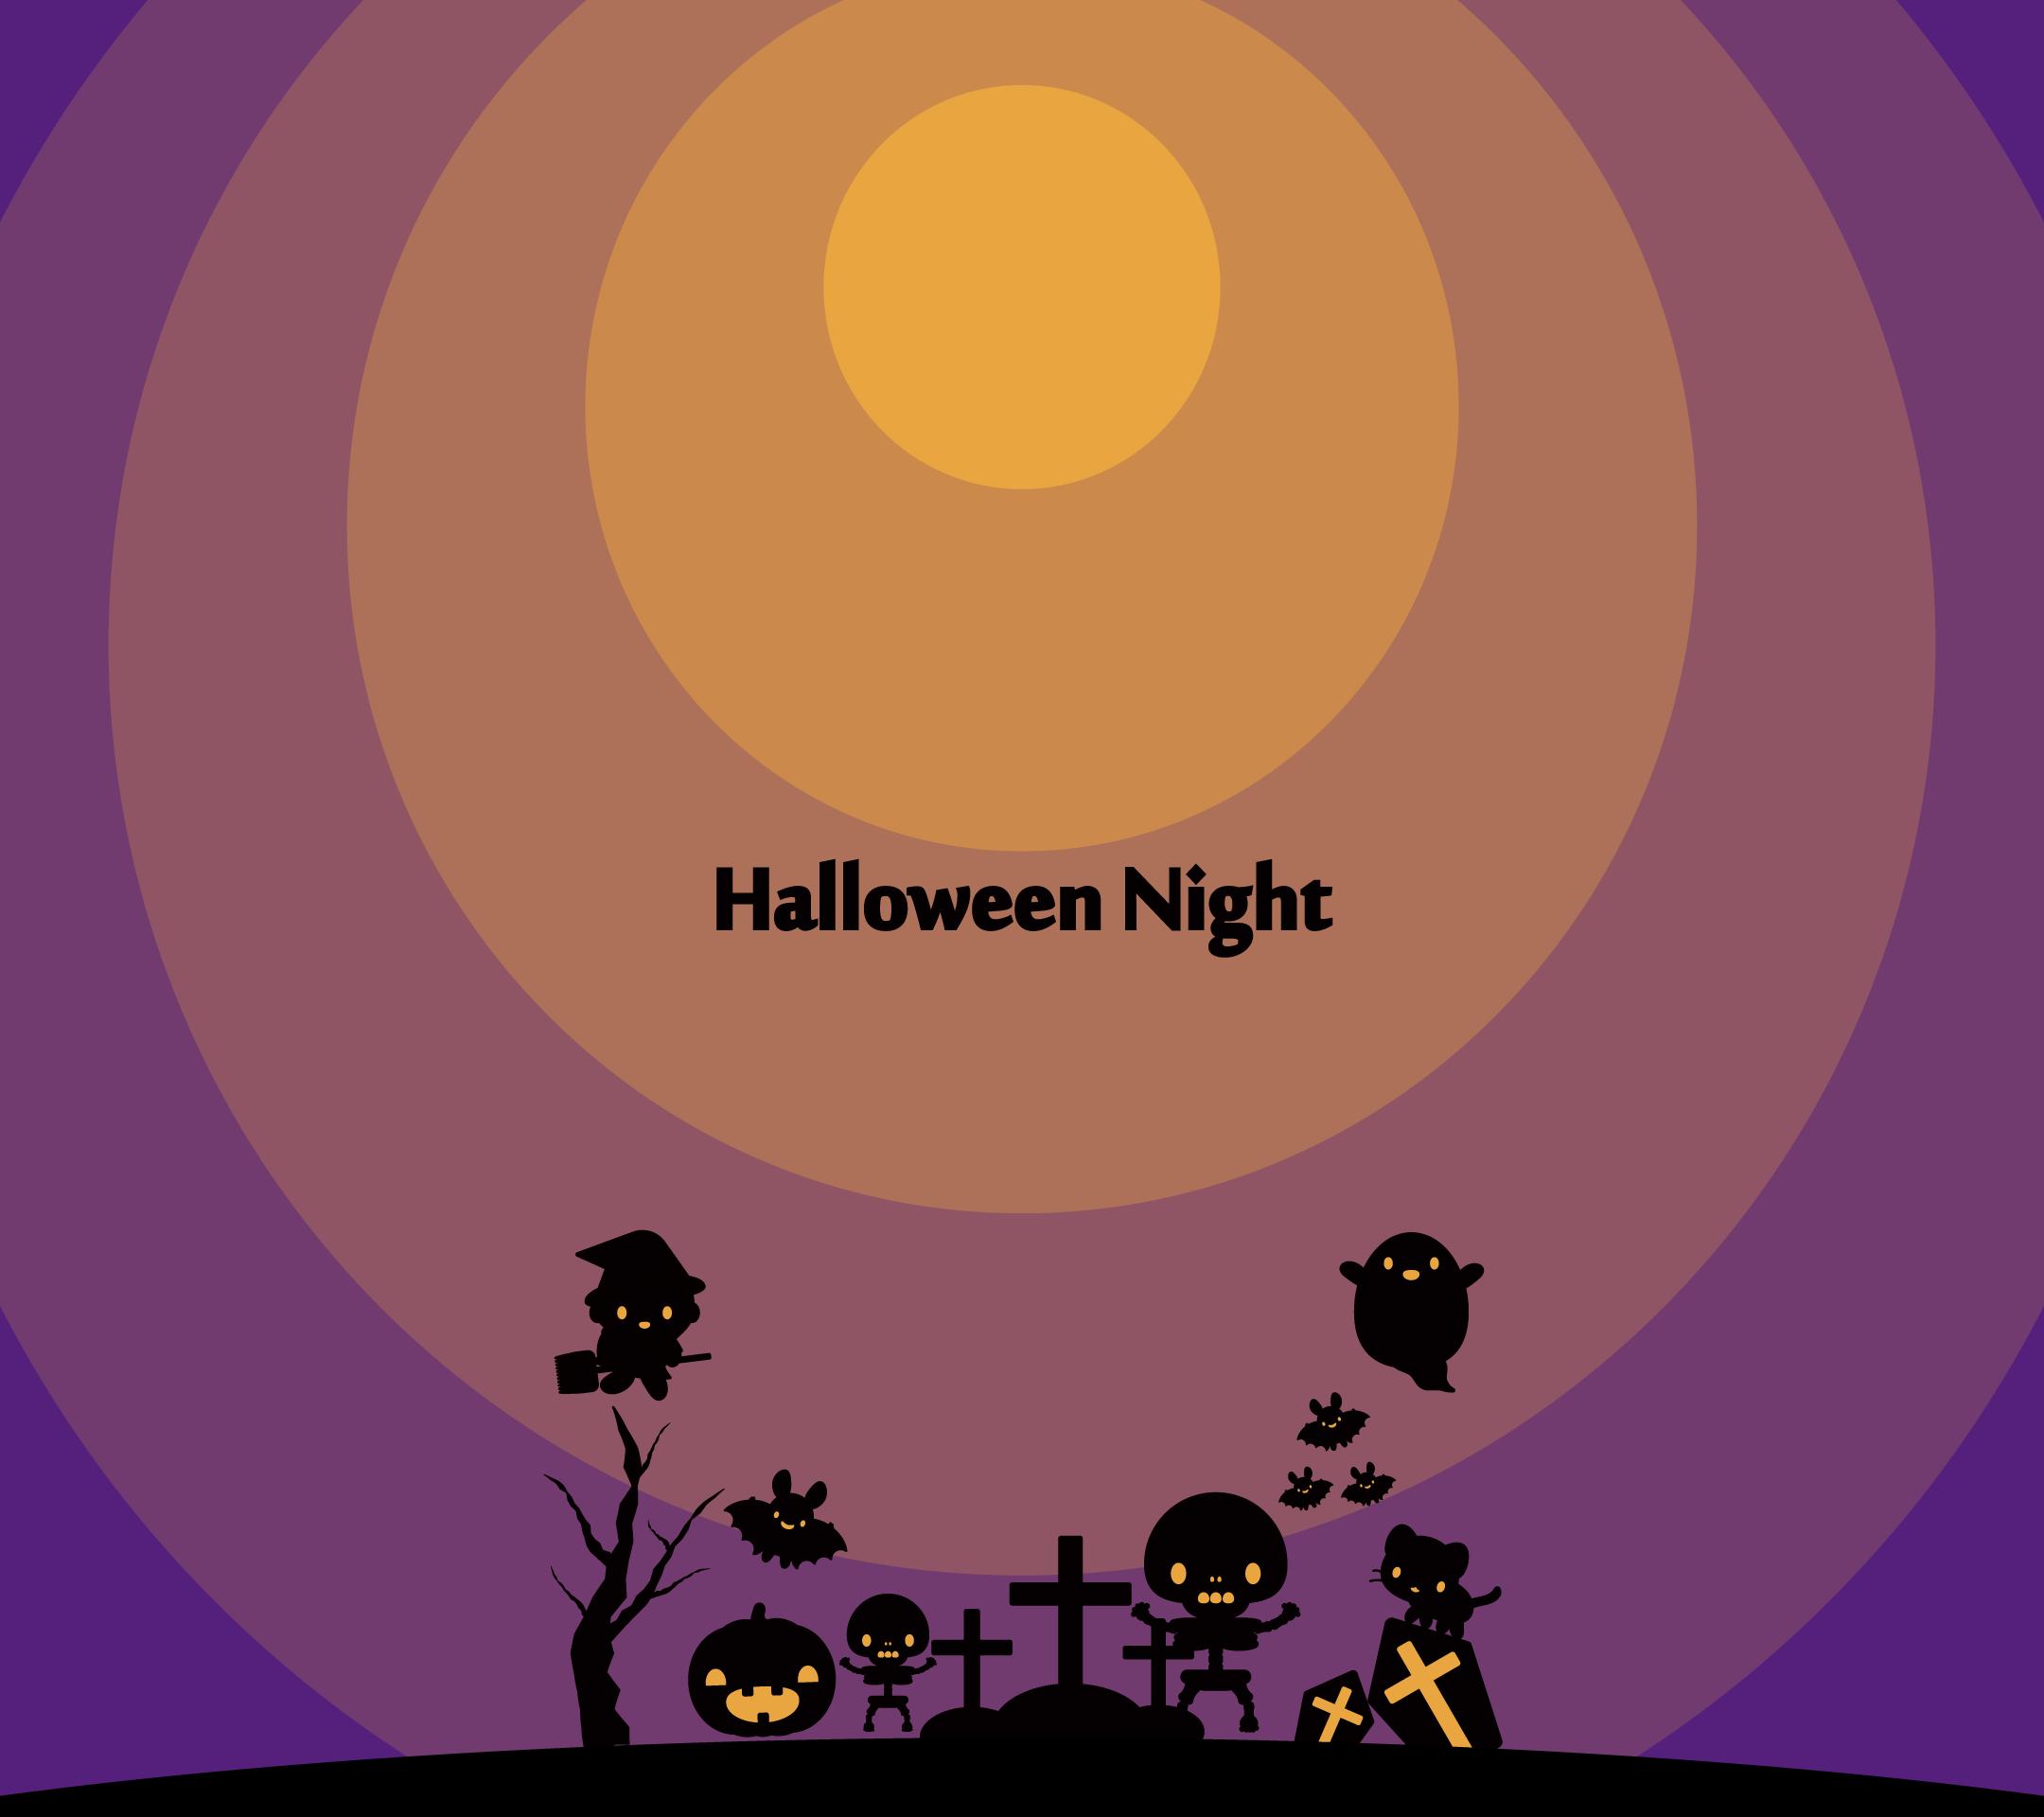 かわいいハロウィンナイト壁紙(Android)の無料イラスト・商用フリー